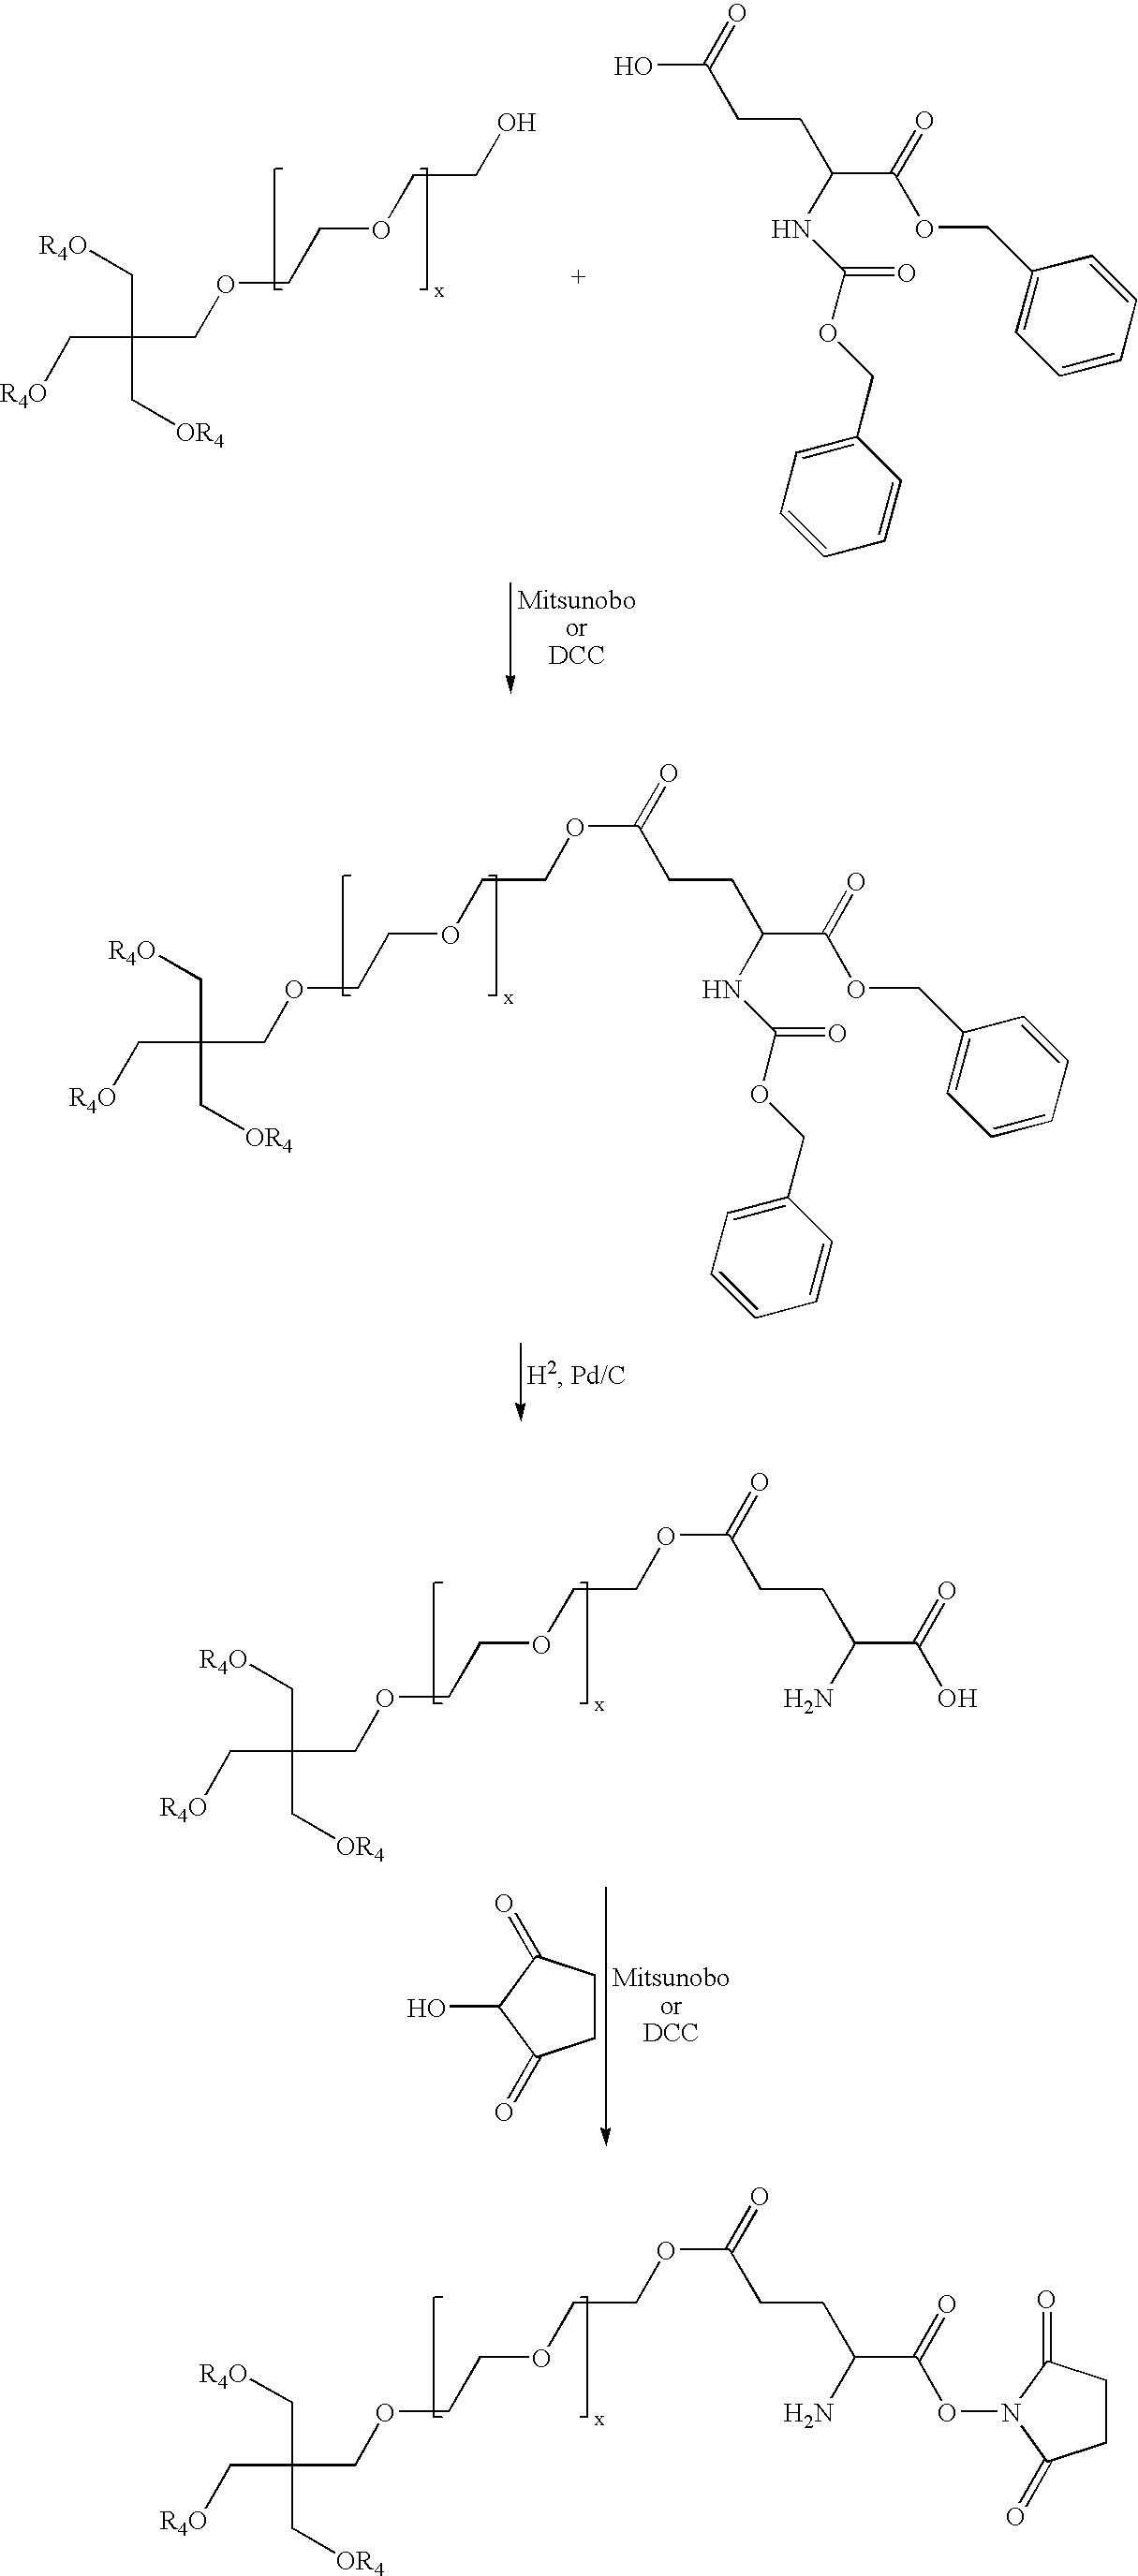 Figure US20050187140A1-20050825-C00112